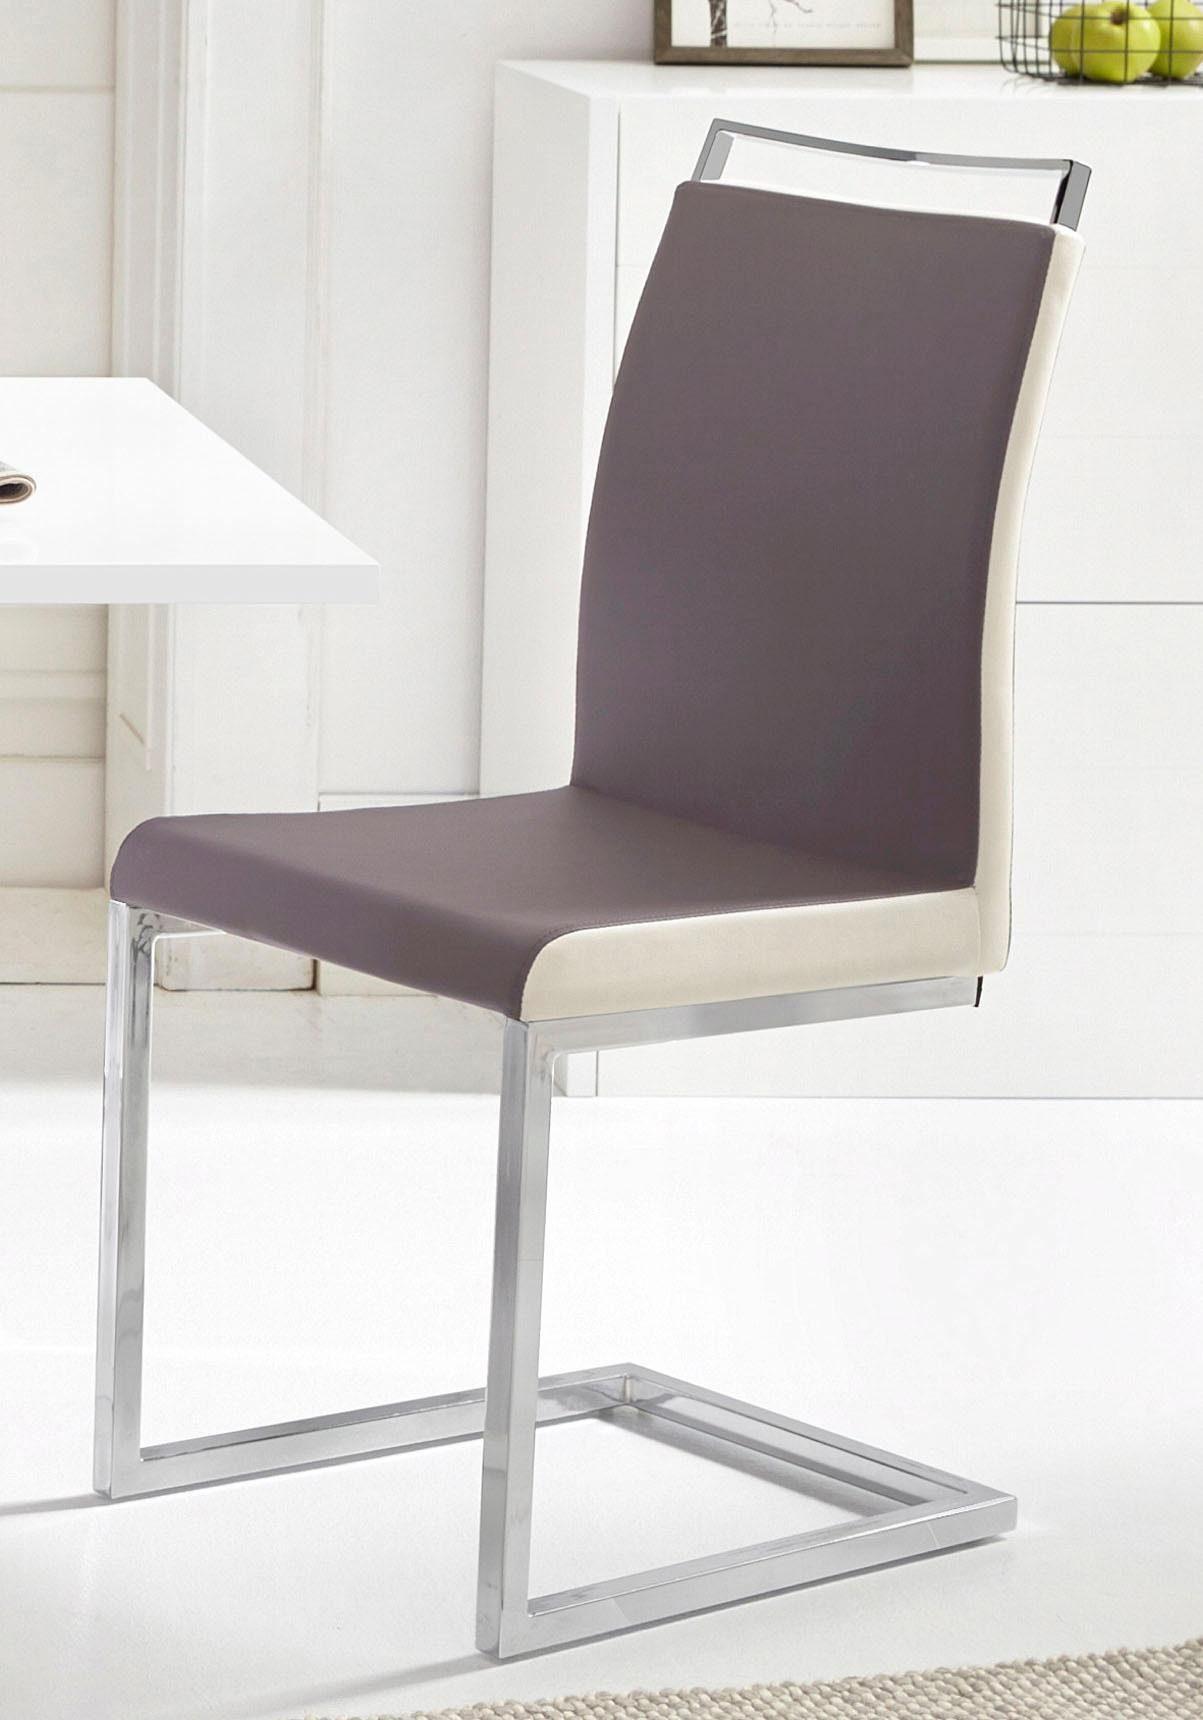 sessel mit armlehne esszimmer sessel esszimmer mbelideen. Black Bedroom Furniture Sets. Home Design Ideas